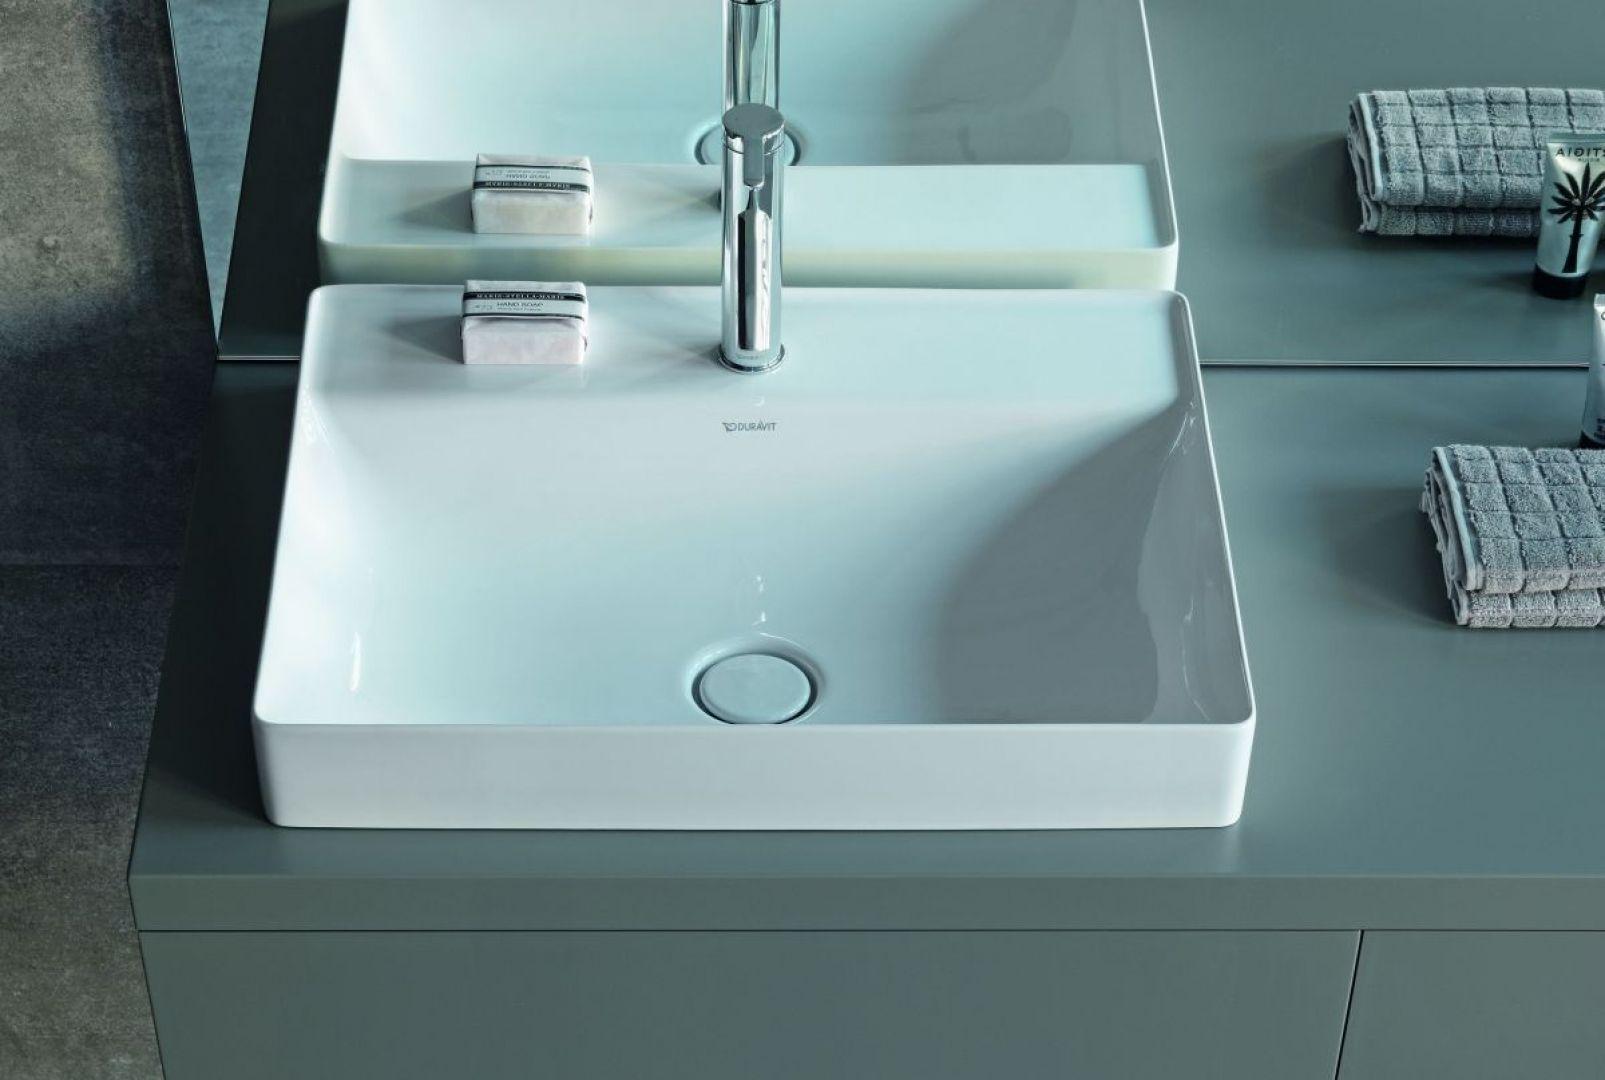 Ranty ścianek w umywalkach wynoszą zaledwie pięć milimetrów, jest to możliwe dzięki zastosowaniu innowacyjnego materiału DuraCeram. Fot. Duravit